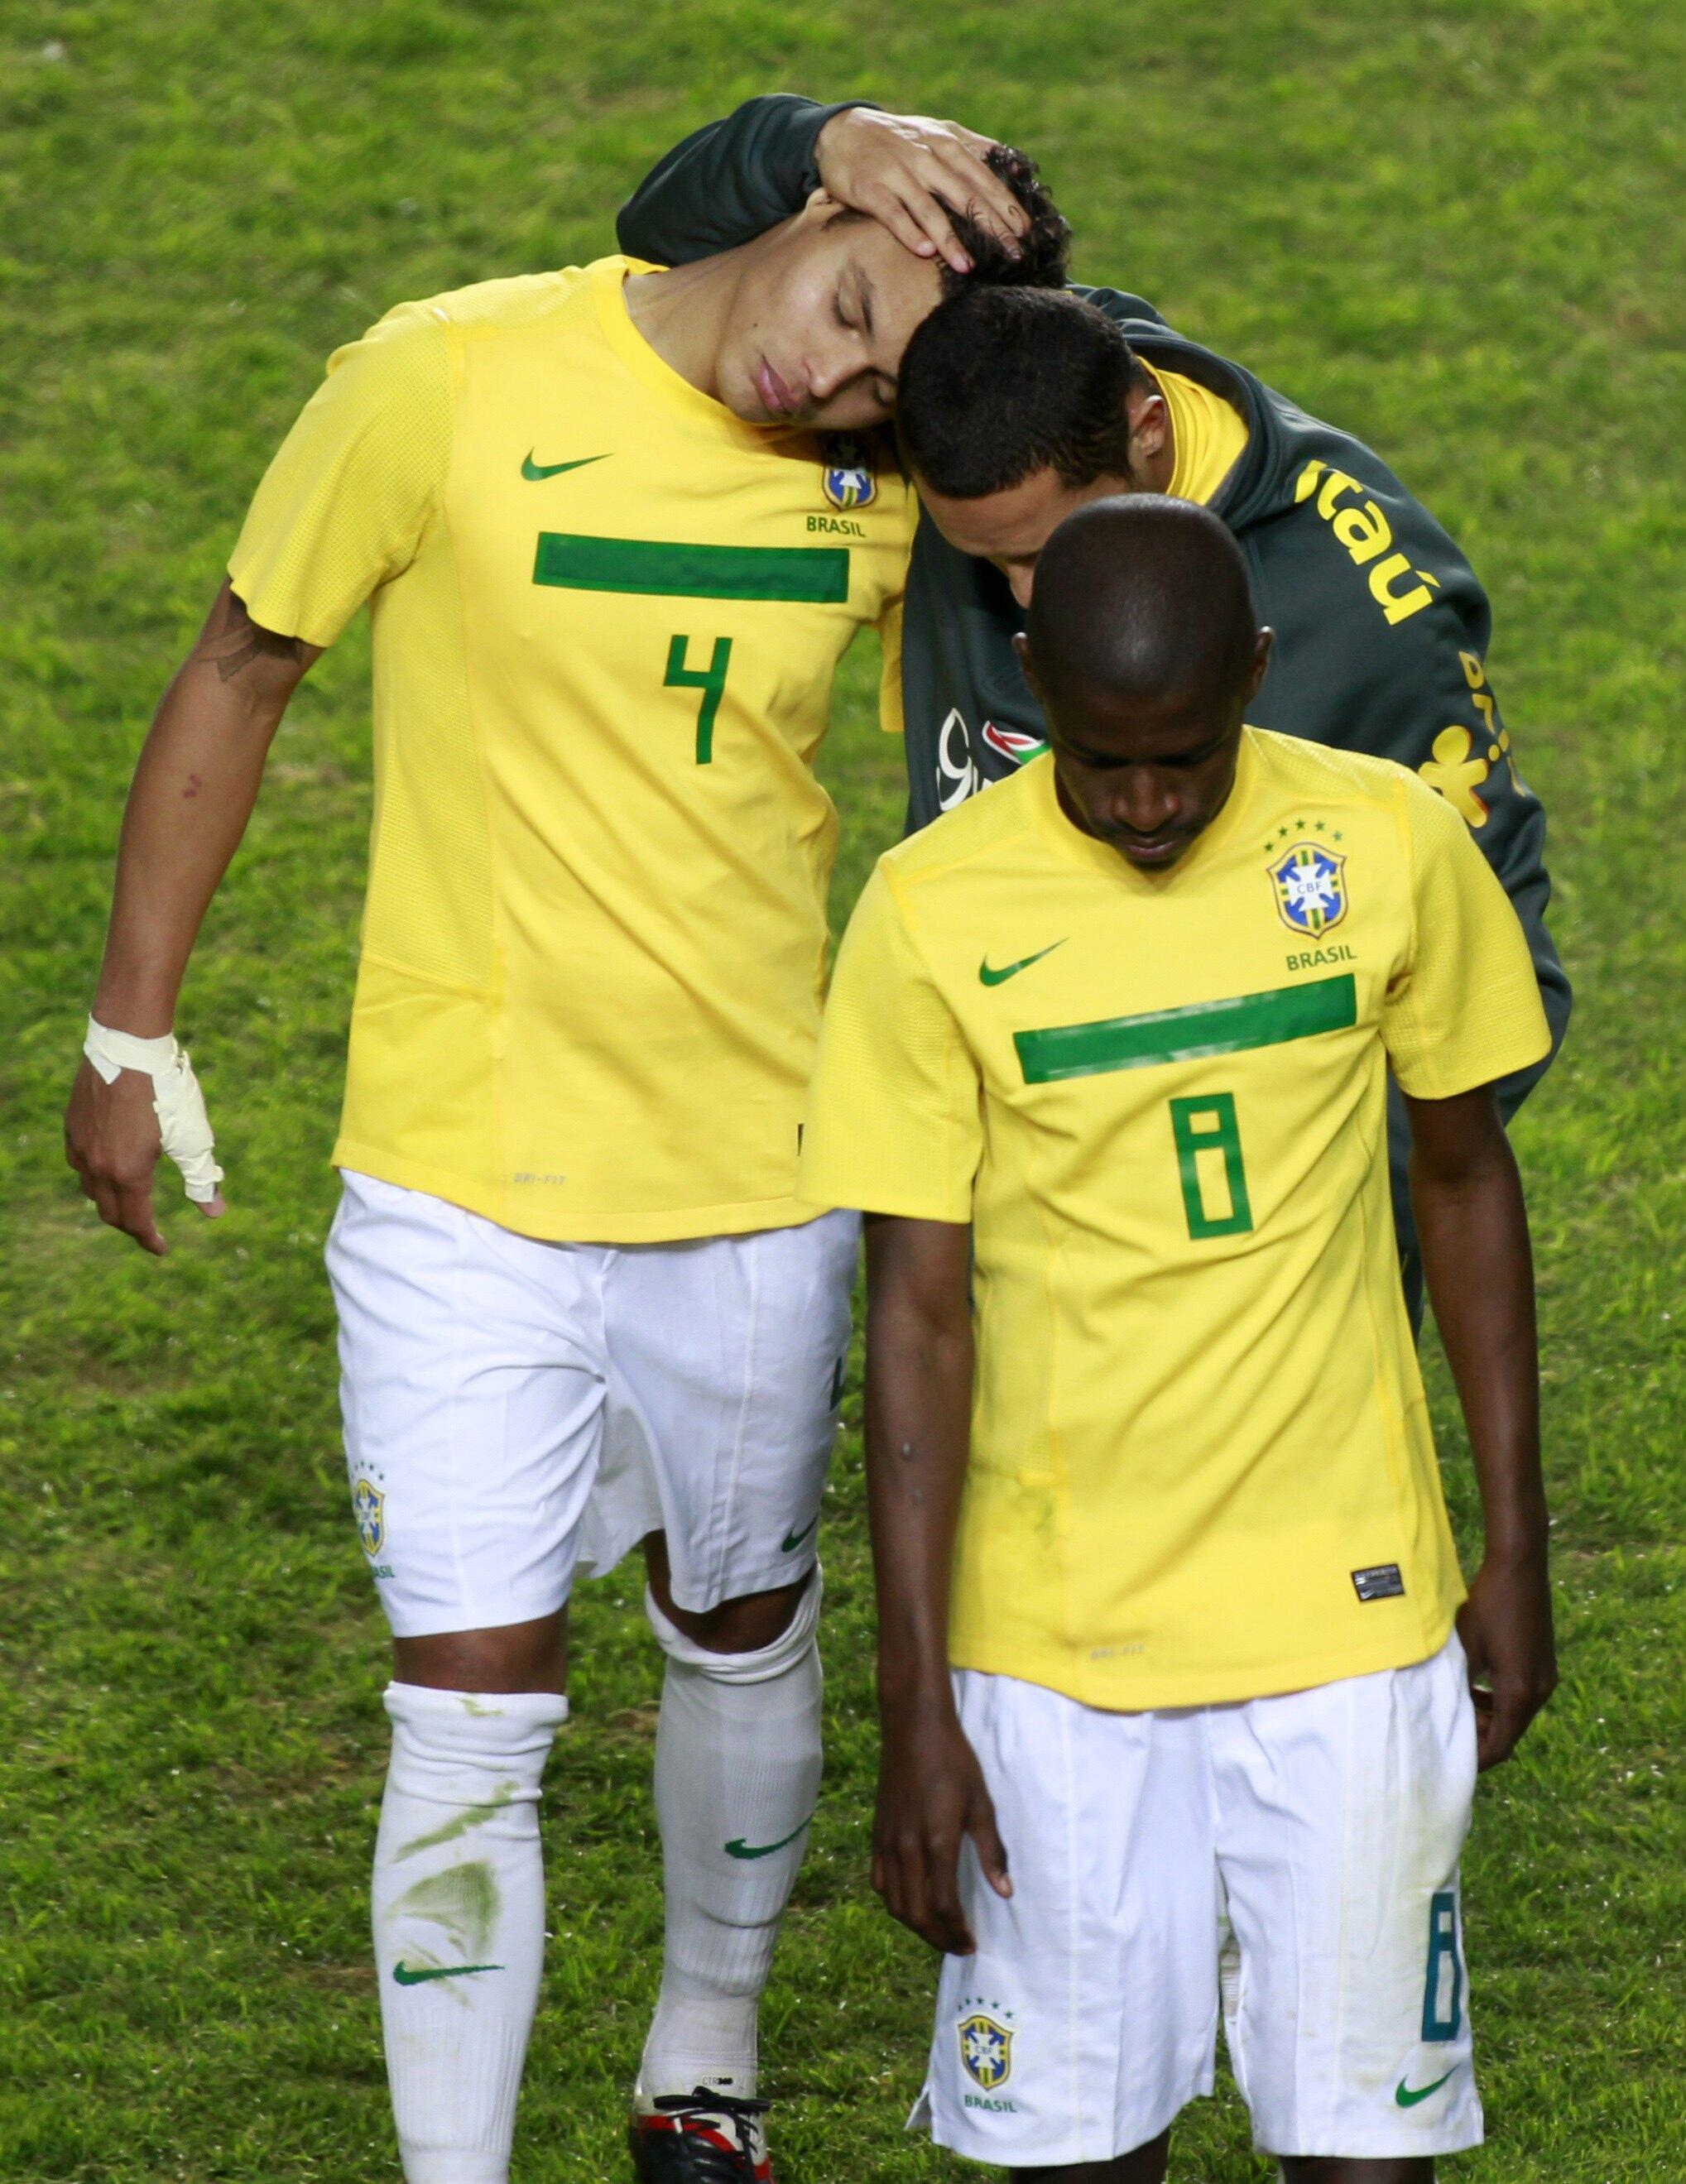 Os jogadores brasileiros saindo de campo depois da derrota contra o Paraguai neste domingo (17/07/2011).